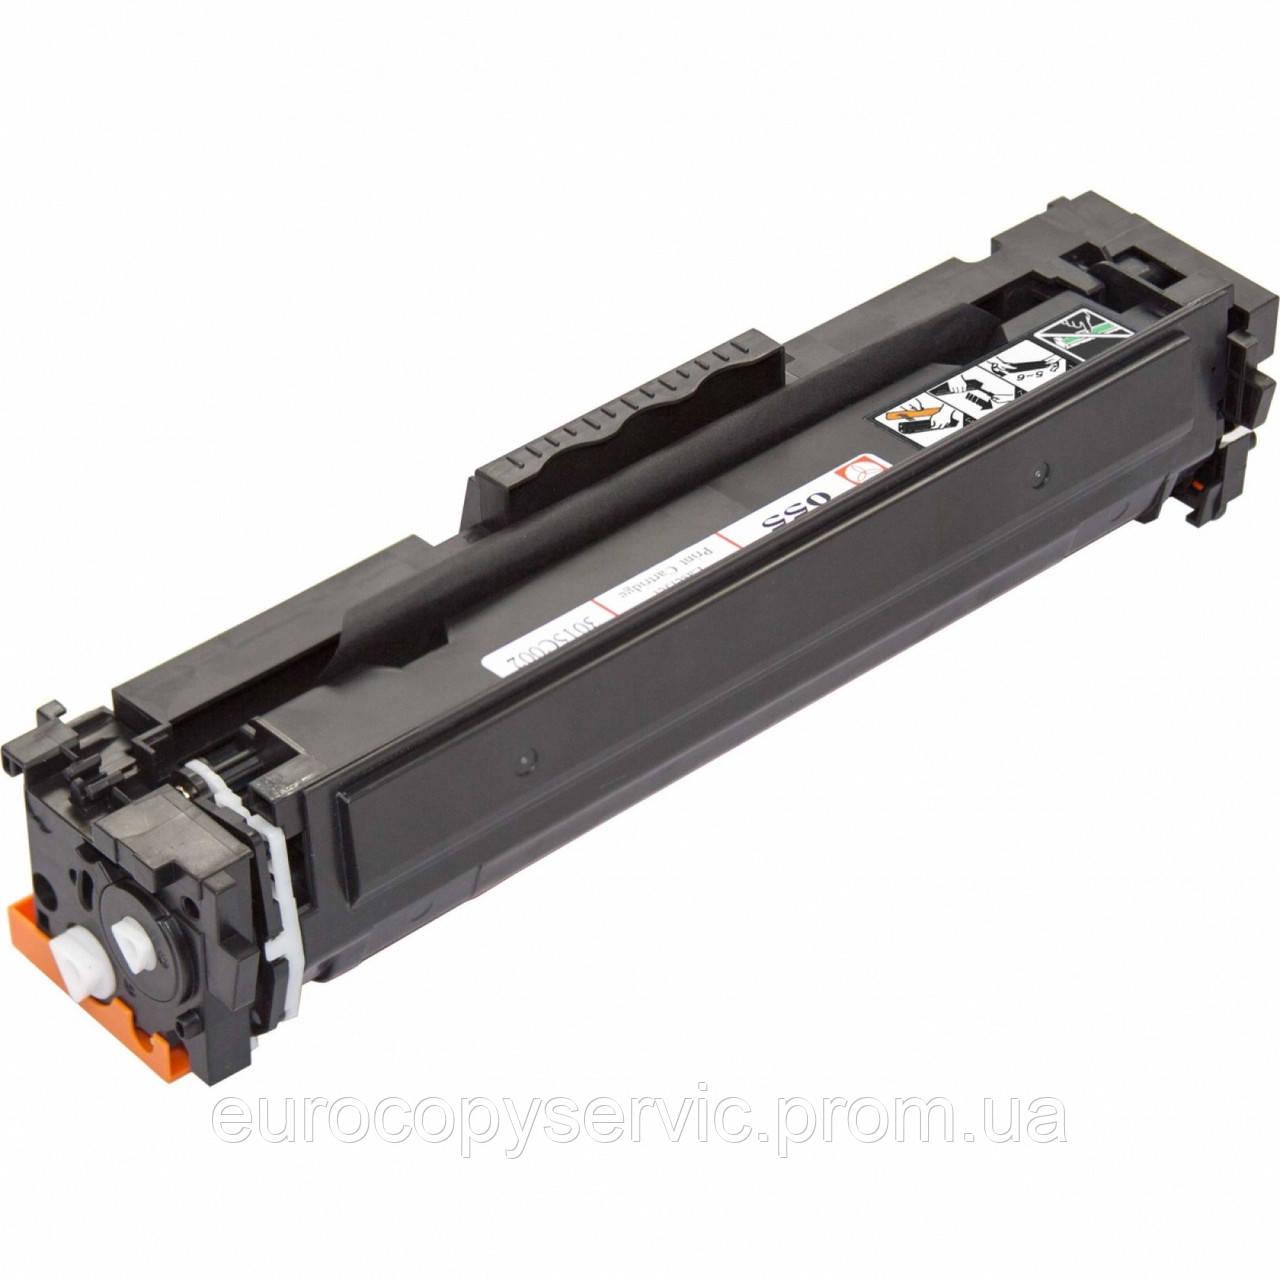 Тонер-картридж BASF для Canon MF-742Cdw аналог 3016C002 Black (BASF-KT-3016C002-WOC) без чіпа